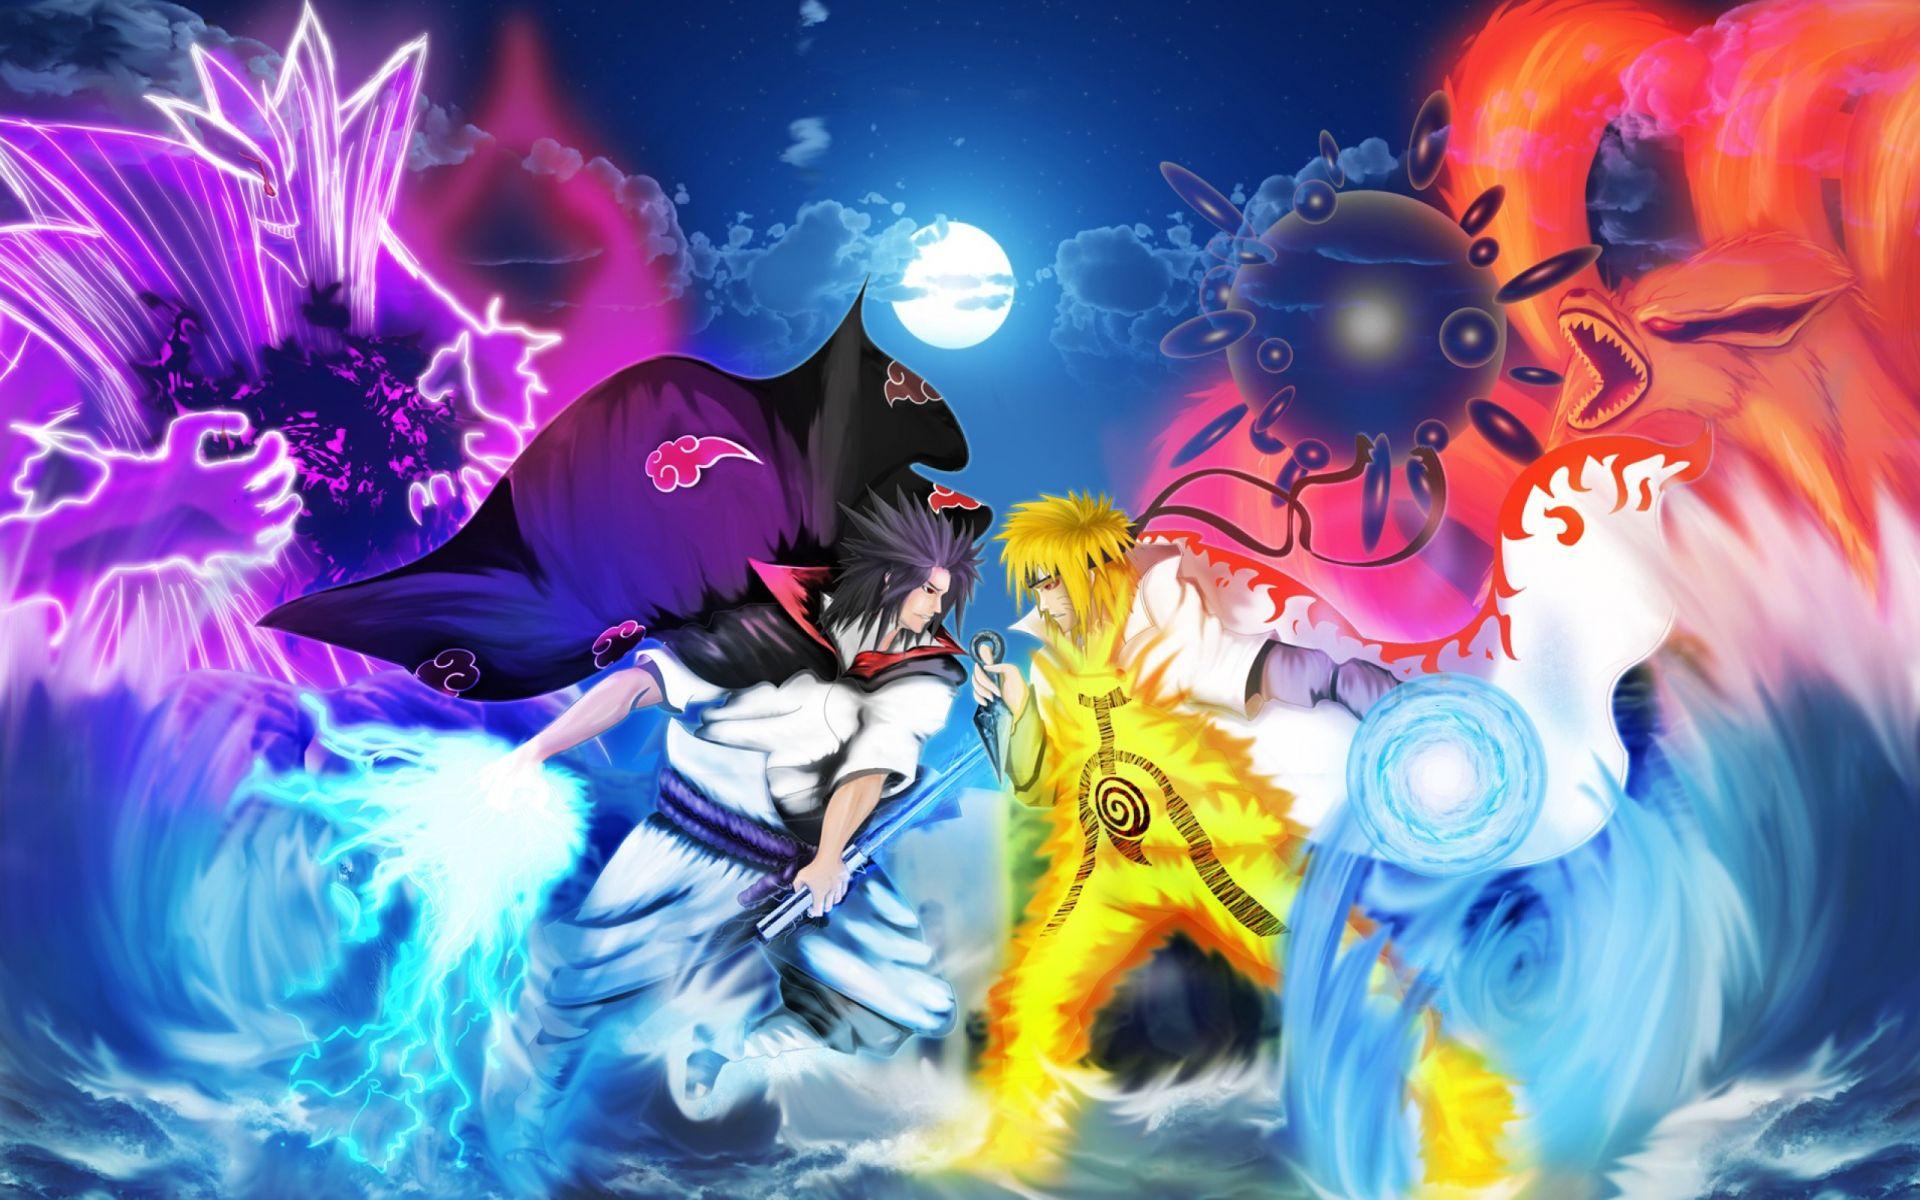 Naruto Wallpaper Hd, Image